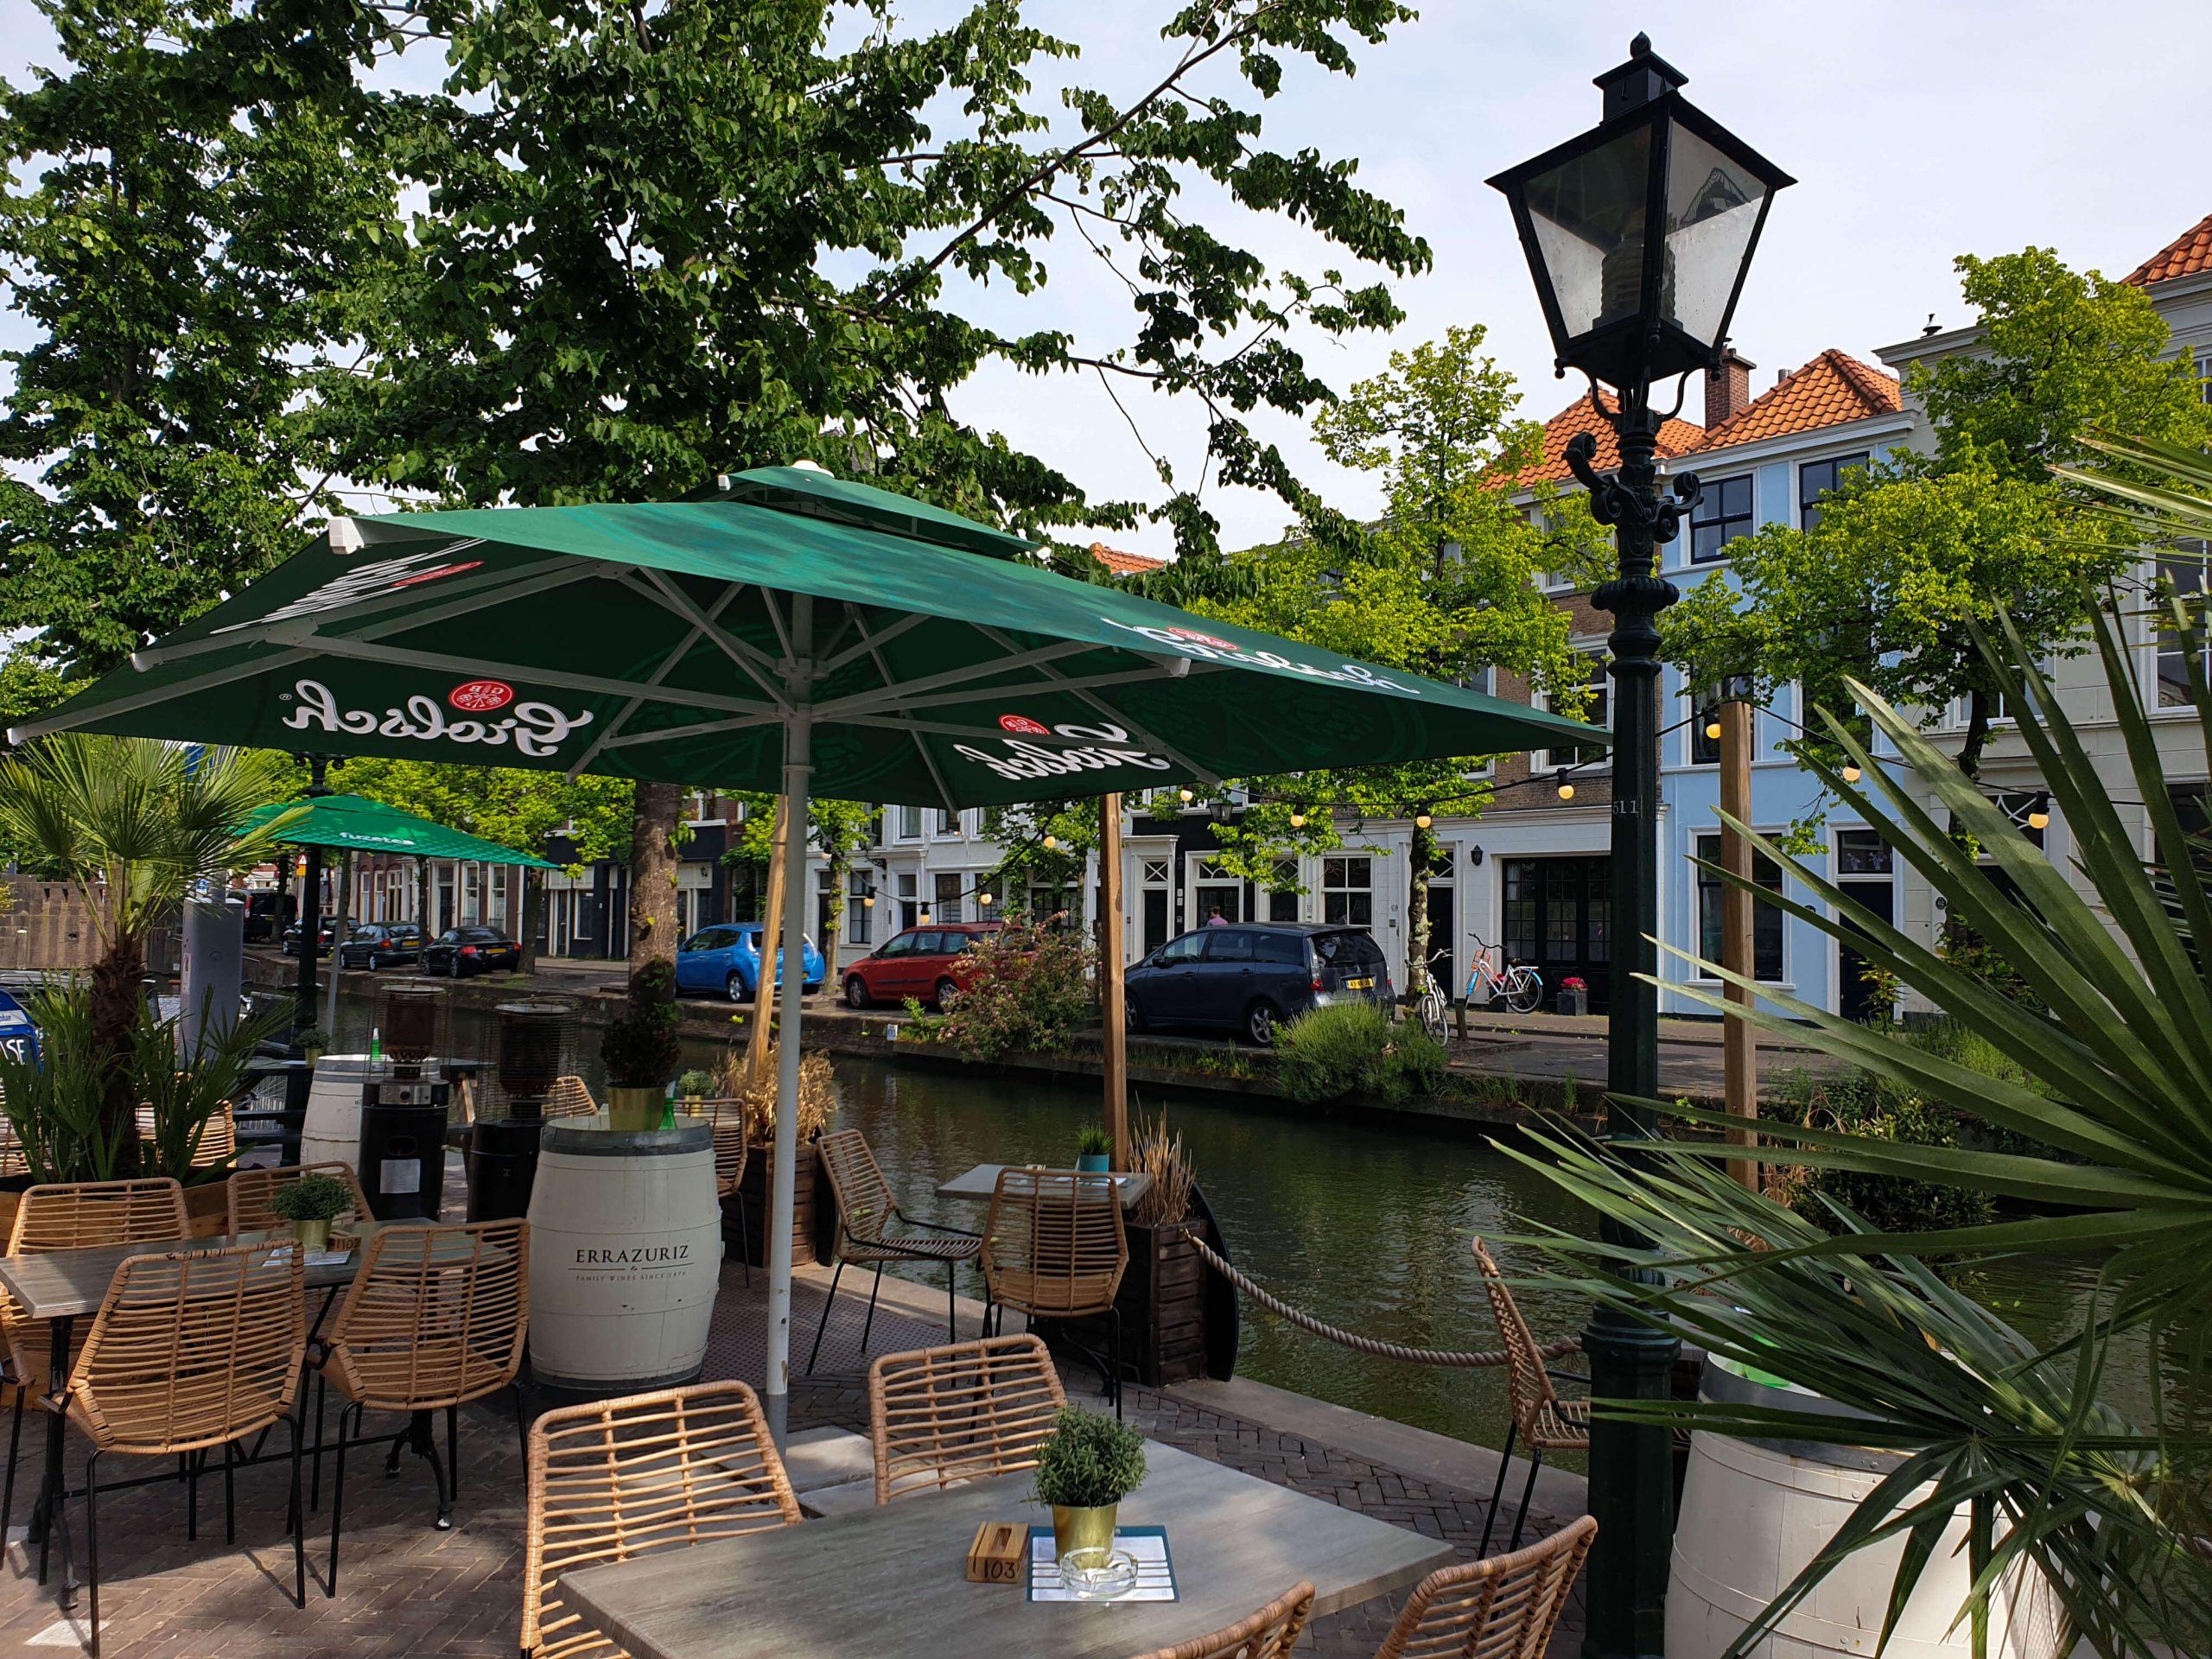 SUP huren en lekker eten in Den Haag